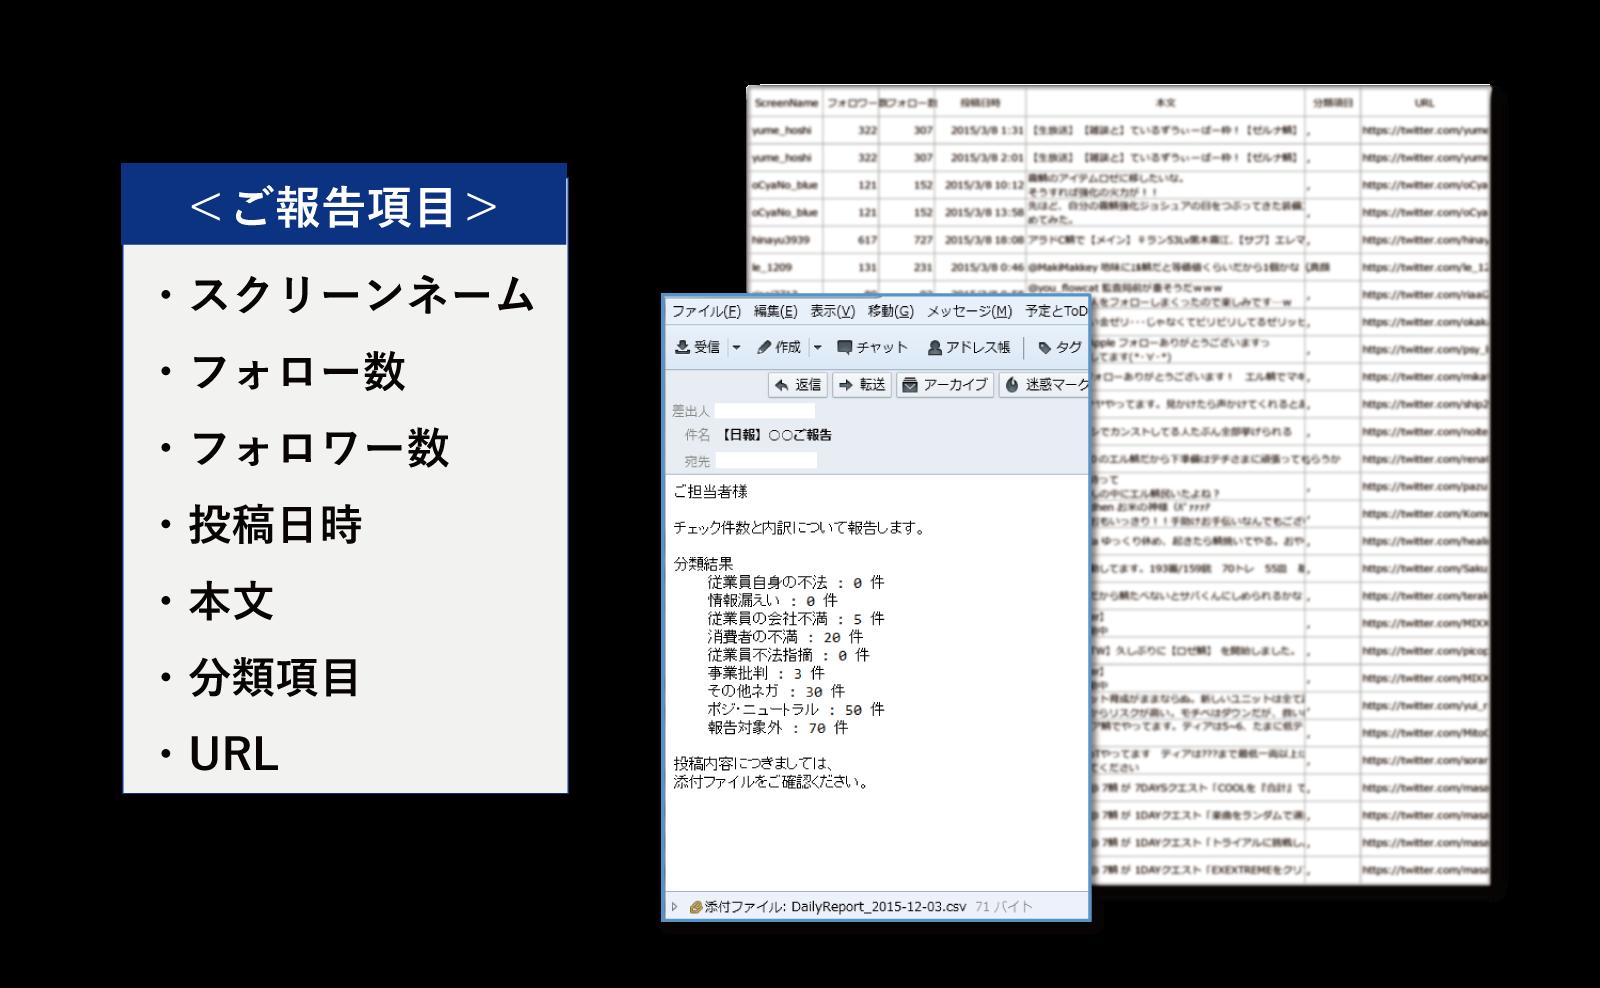 炎上対策_監視サービス_日報サンプル